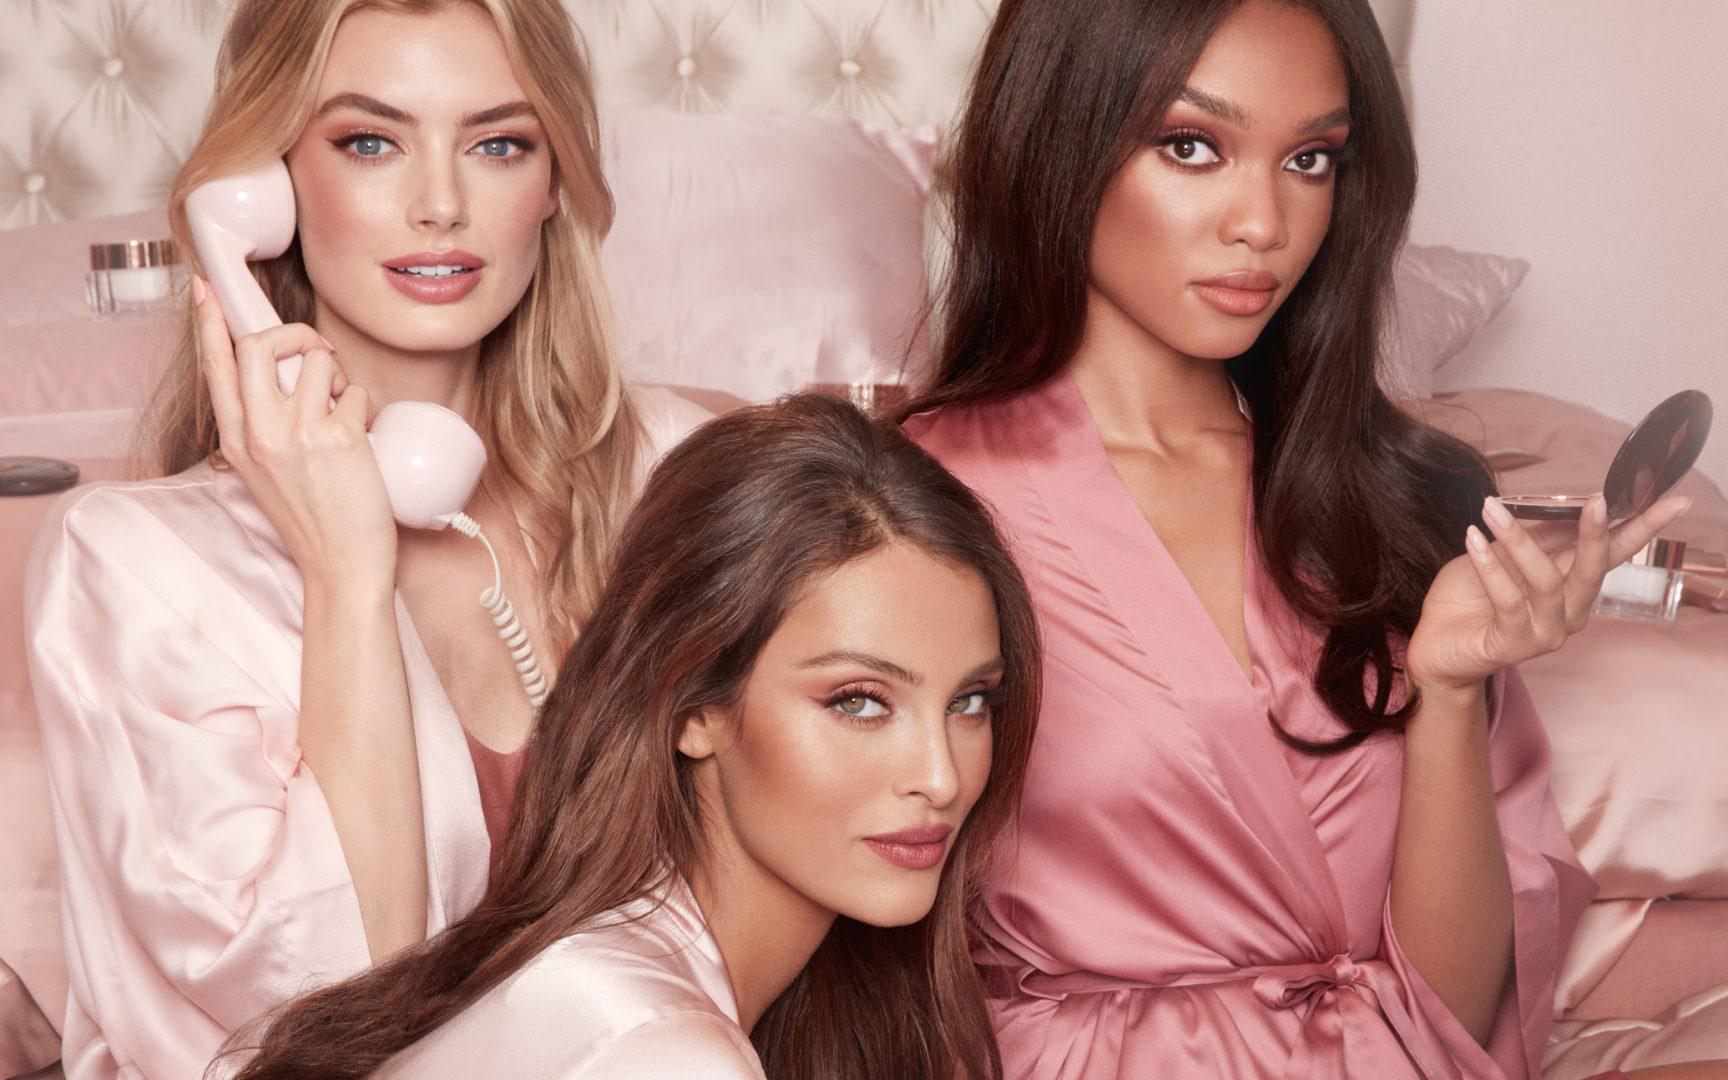 彩妆品牌 Charlotte Tilbury 被西班牙化妆品巨头 Puig 收购,估值超 12 亿英镑